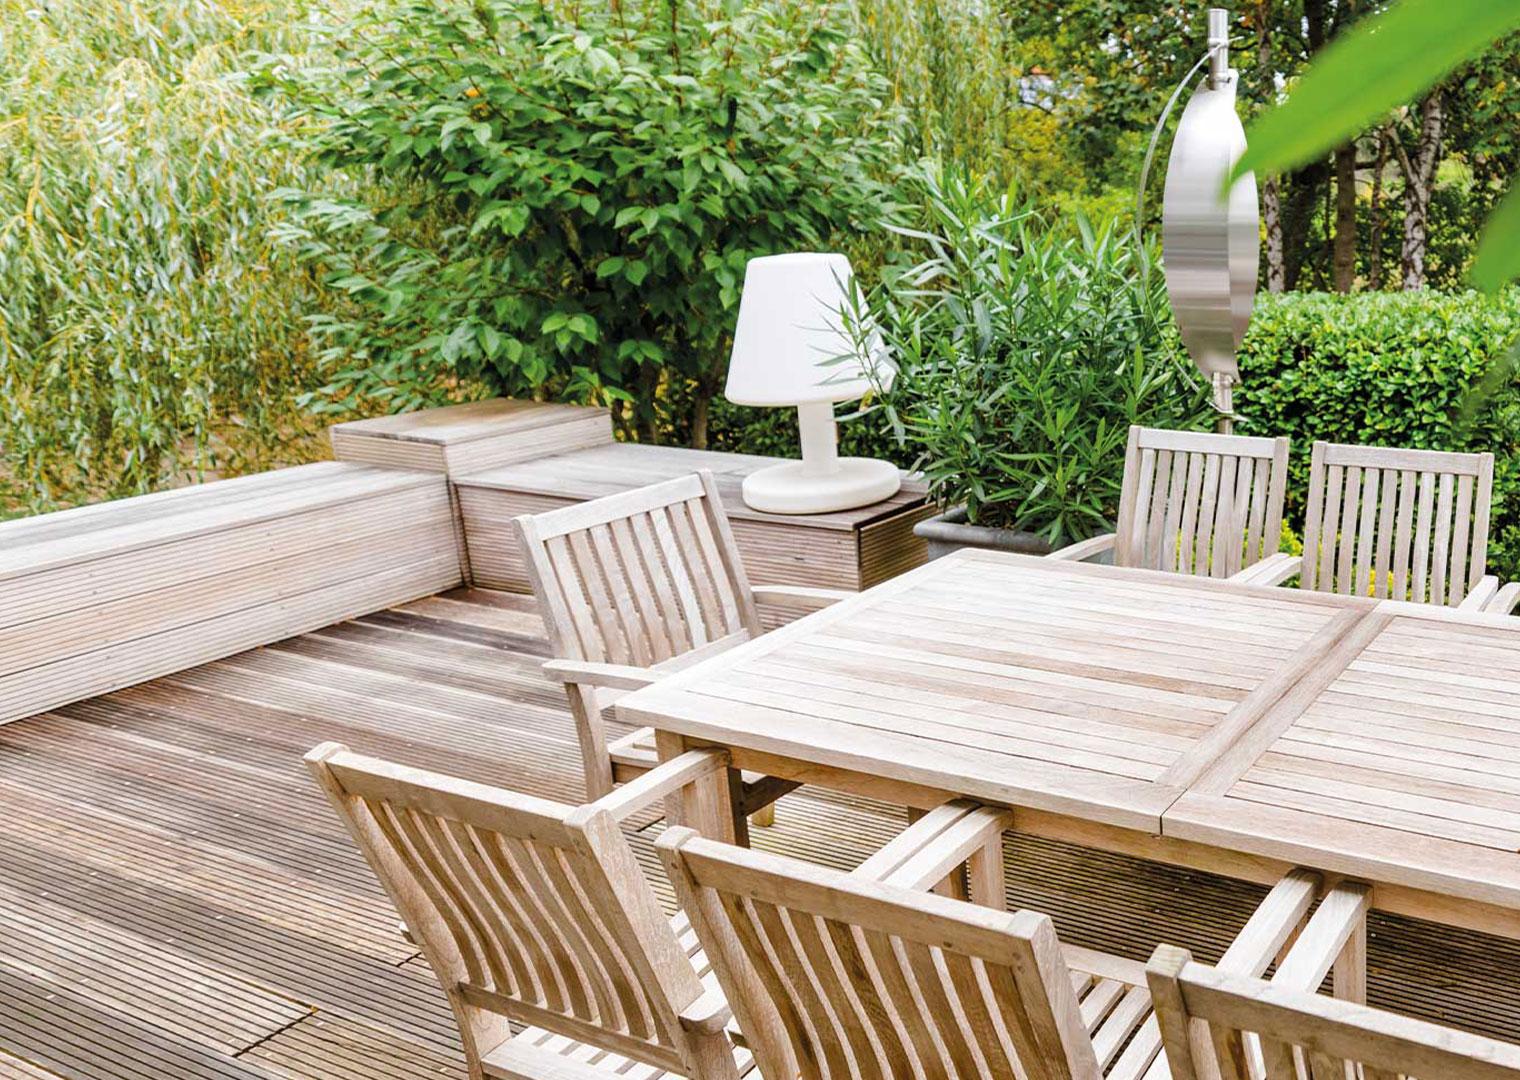 Terrasse mit Holz-Terrassendielen